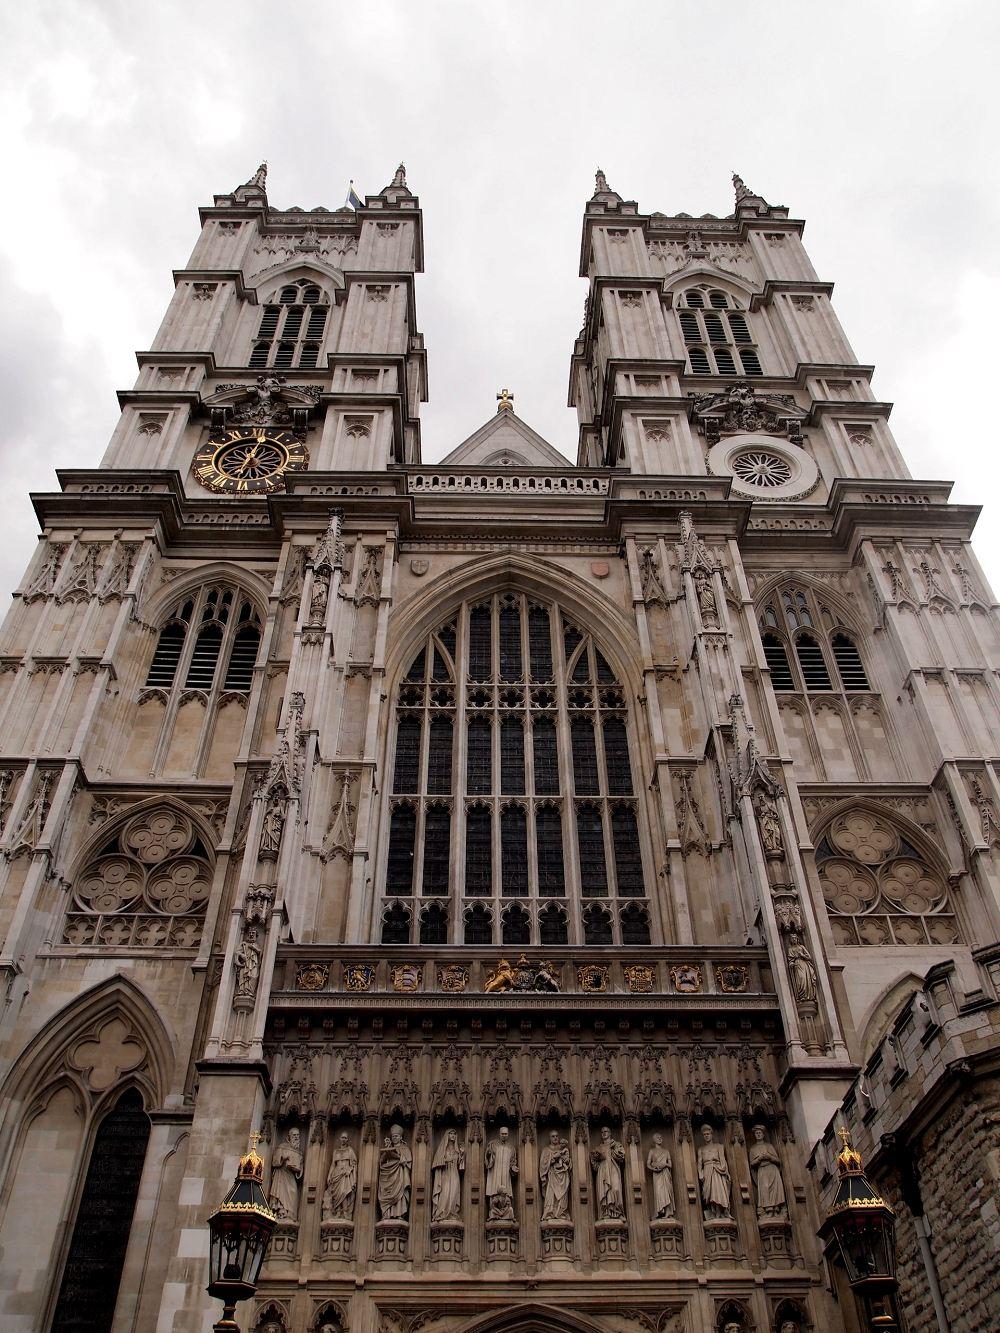 英國作為一個旅游大國,門票的價格也是貴到喪心病狂。 且不說它的教堂要收參觀費用,而且動不動就是16磅。 所以應運而出的就是一個叫London Pass的東西,可以買了之後,在指定的天數內參觀倫敦大部分的景點。 它不厚道的地方在于價格奇貴,比如3天的Pass價格要77磅,和柏林的博物館3日票9.